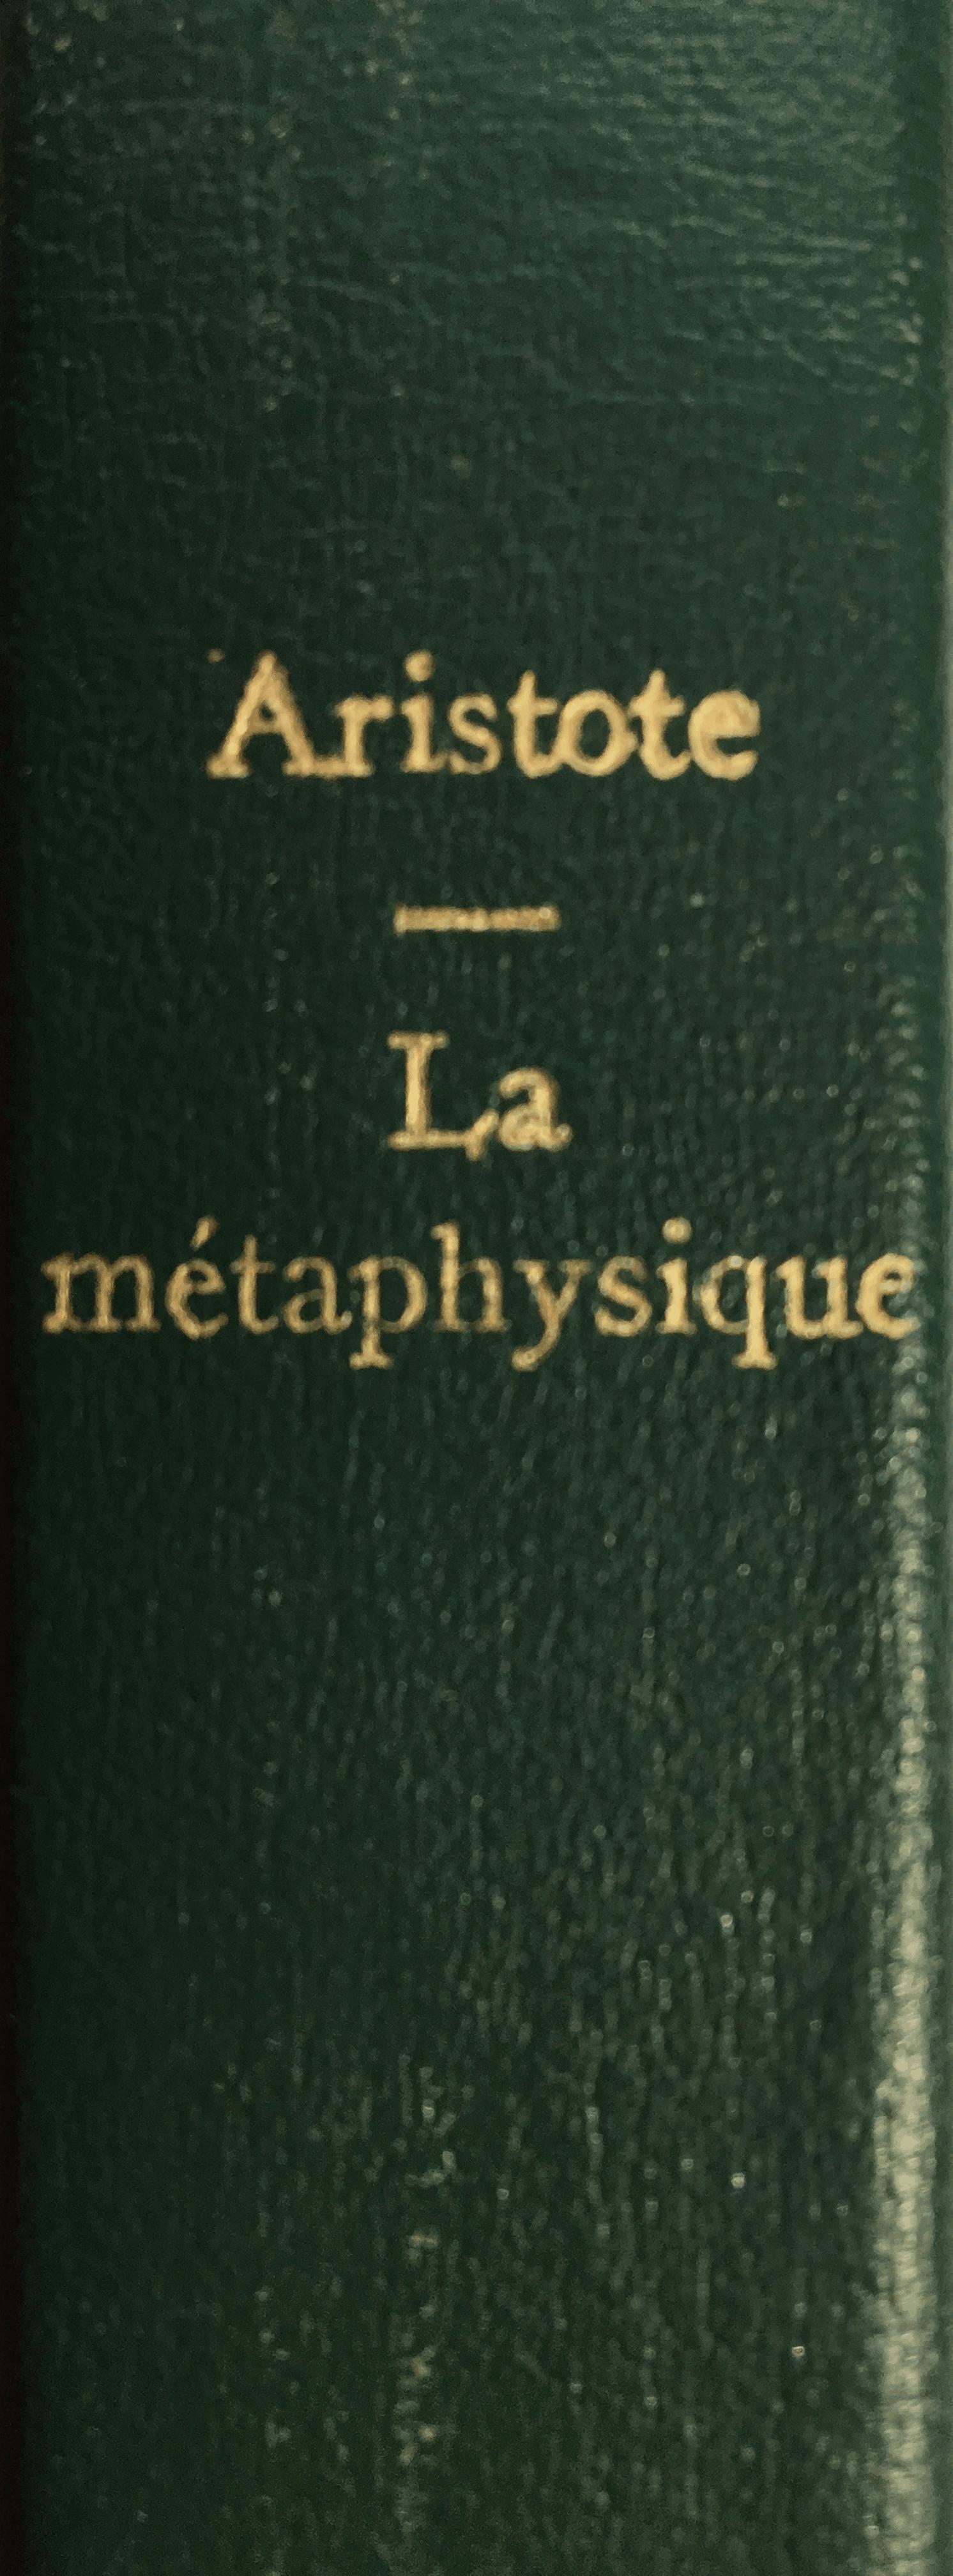 AristoteMétaphysiqueLivreÉpine